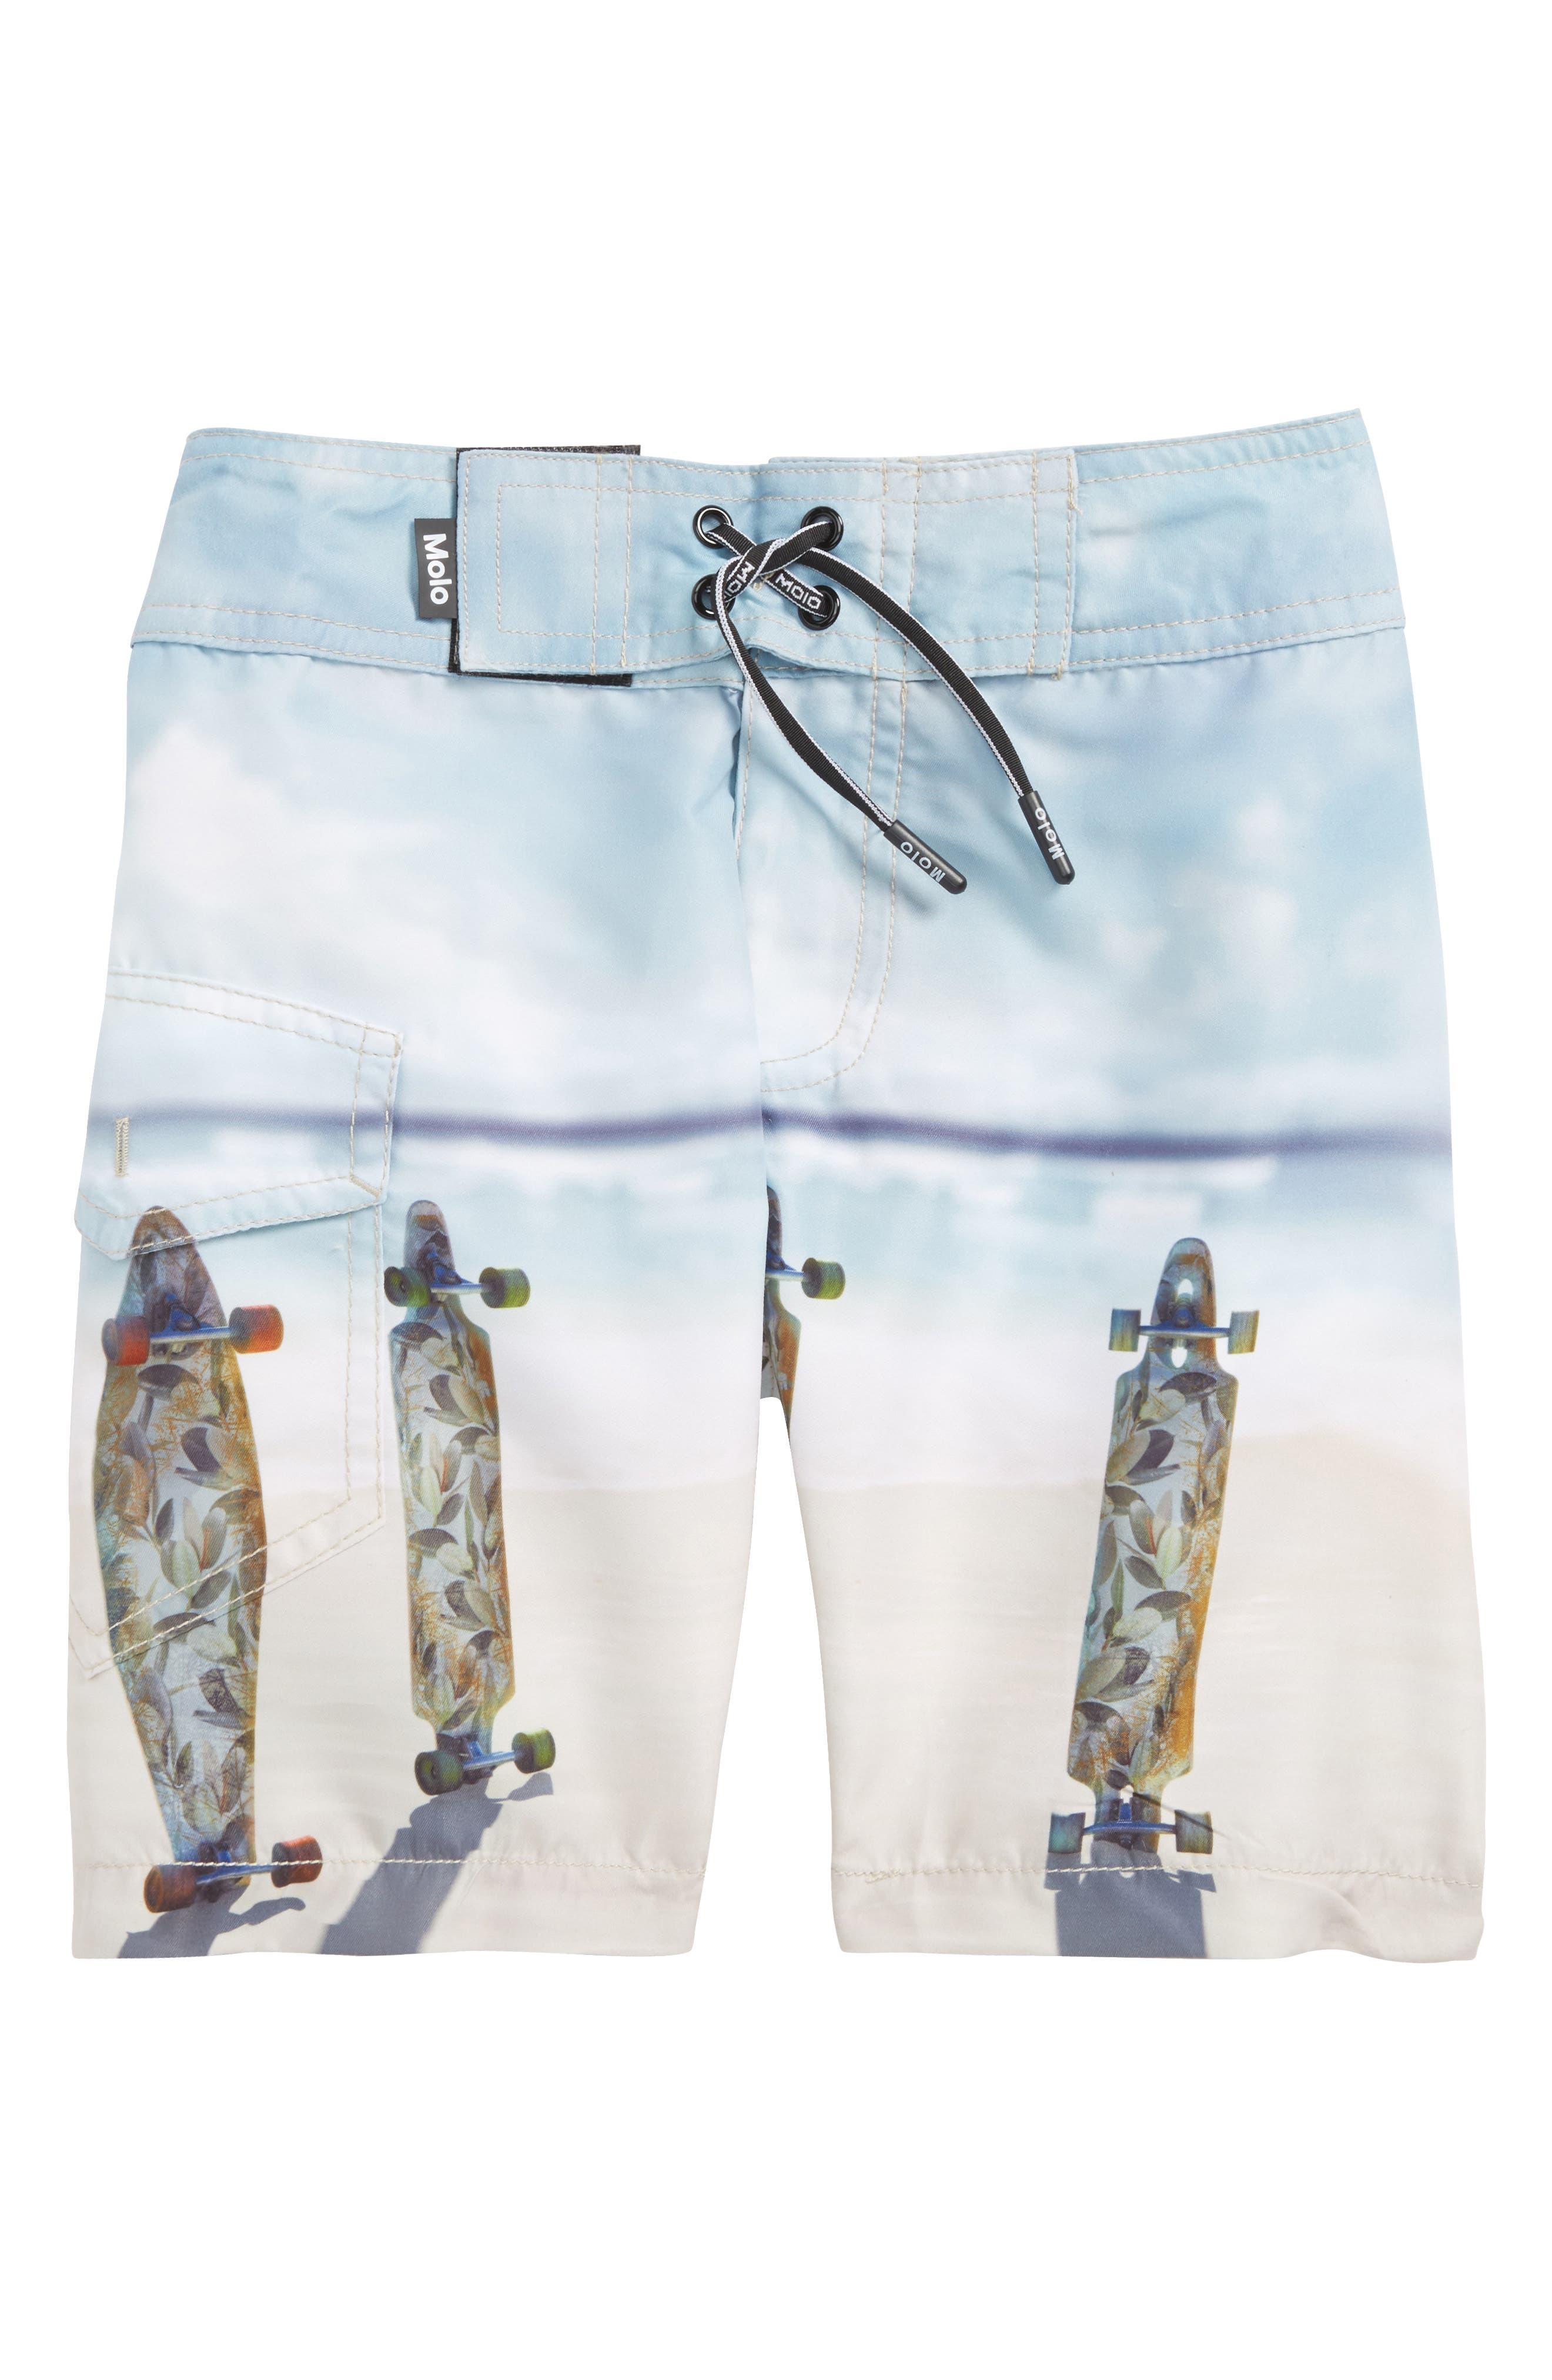 Nalvaro Board Shorts,                             Main thumbnail 3, color,